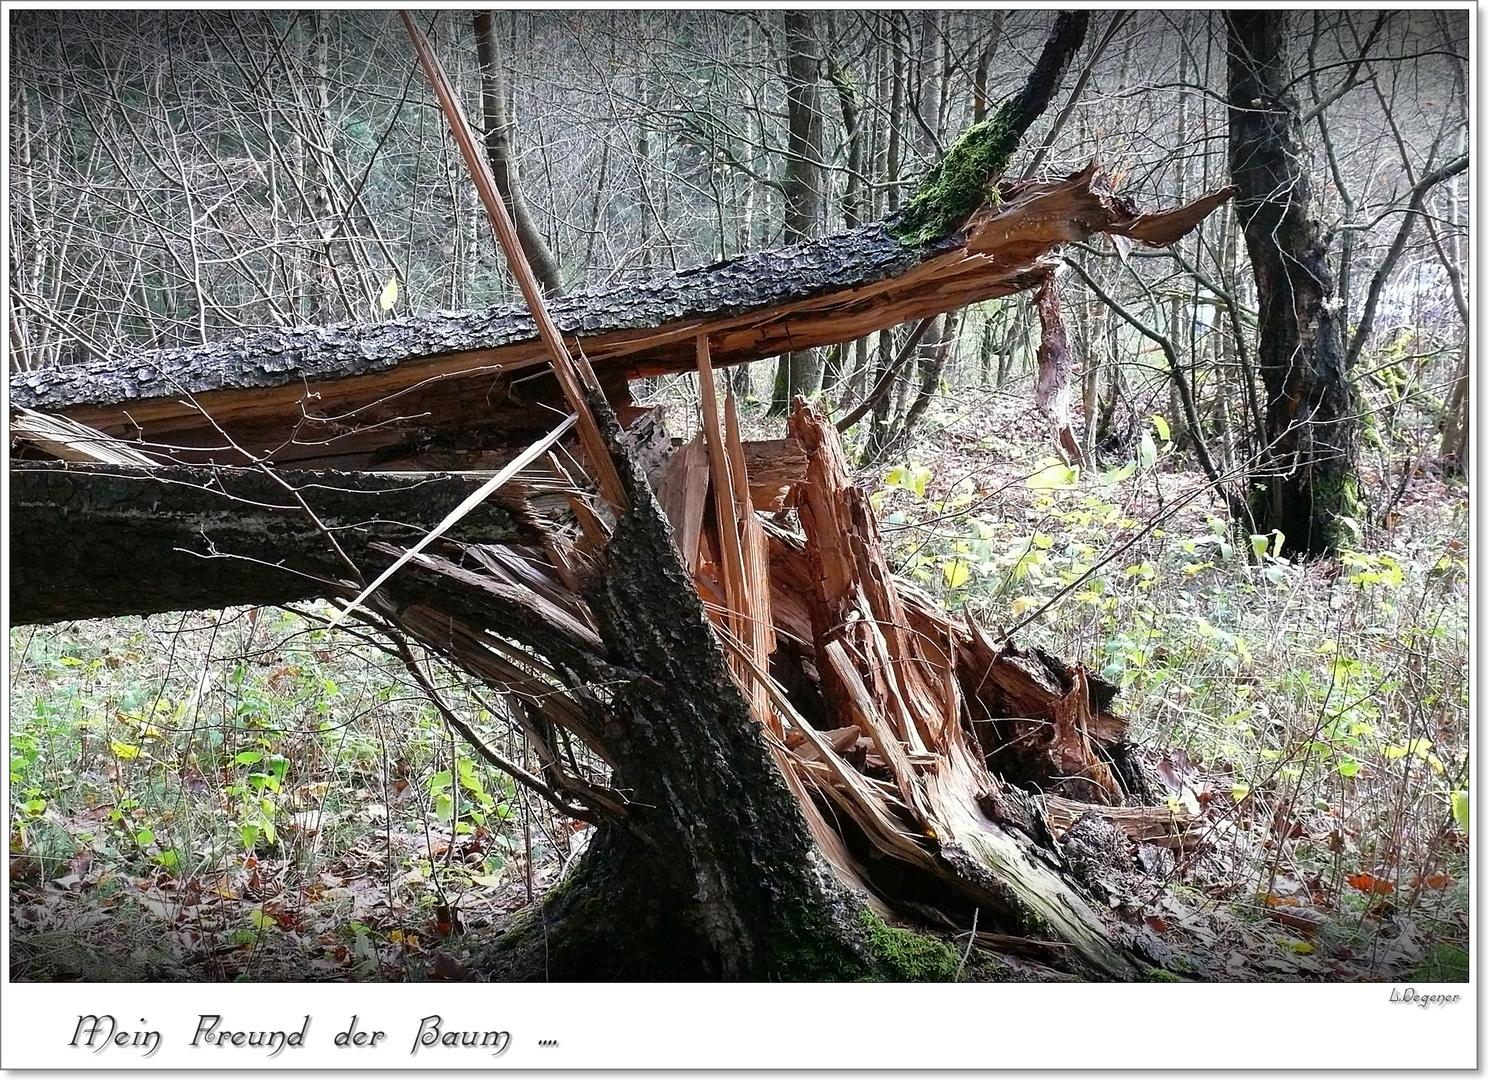 Mein Freund der Baum .....